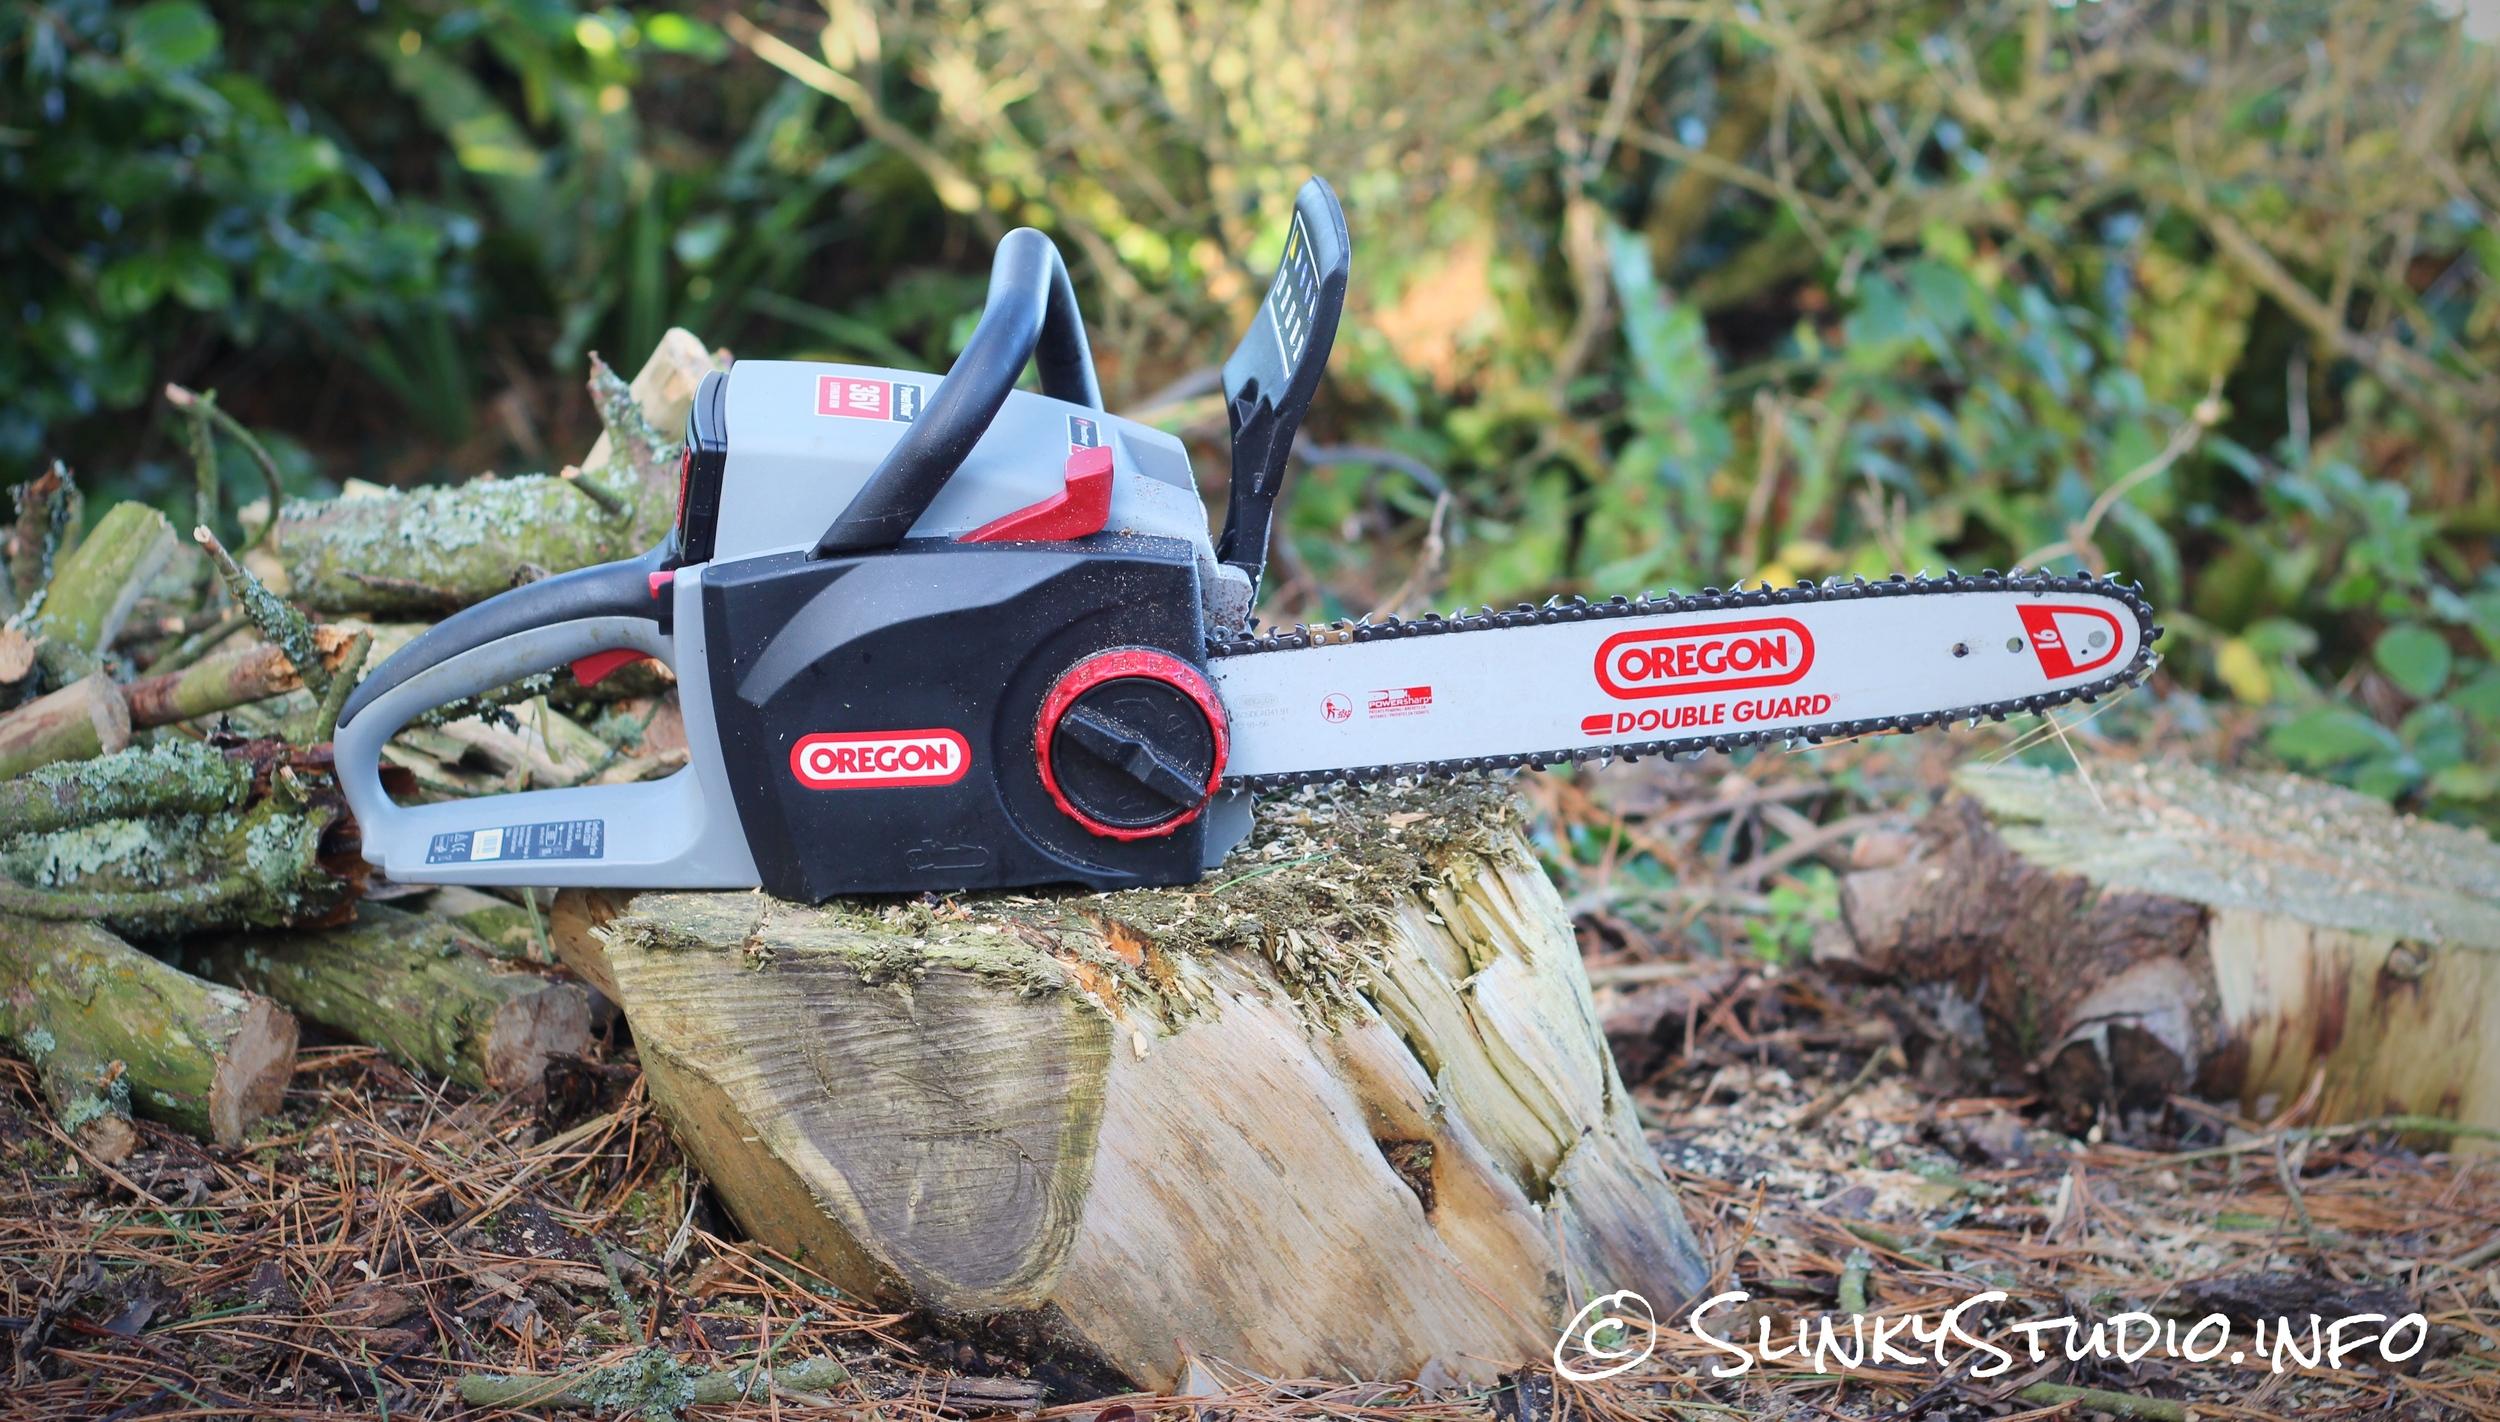 Oregon CS300 PowerNow Cordless Chainsaw